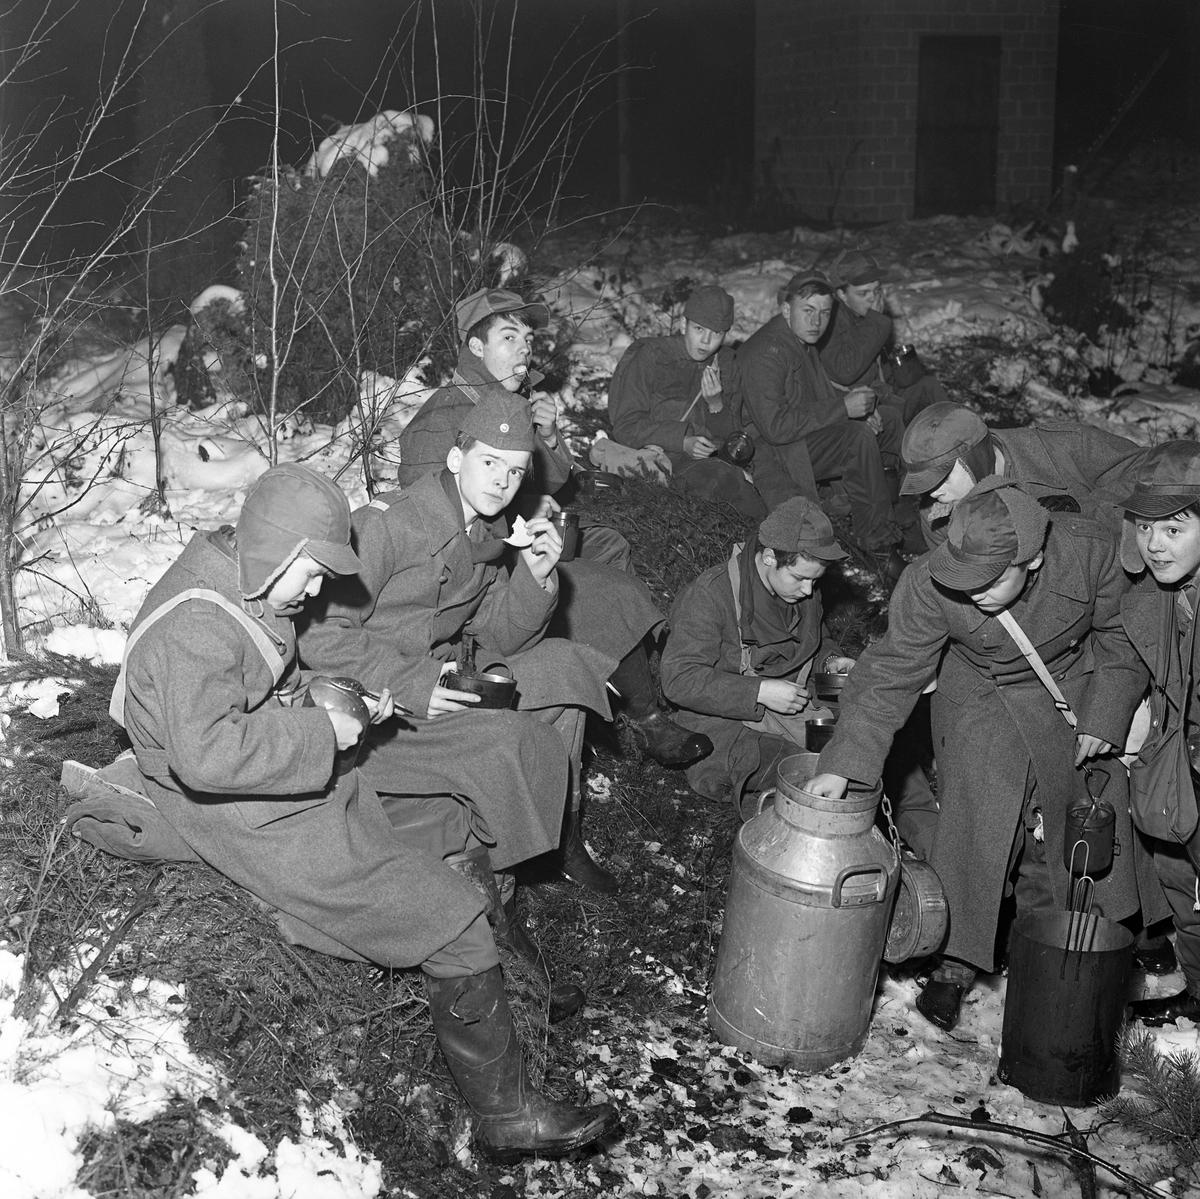 FBU-ungdomar övar.  Unga pojkar sitter på granris och äter. De är klädda i yllerockar och mössor med öronlappar. Det är vinter och snö. De äter ur sina plåtburkar. En stor mjölkkanna är placerad framför dem. FBU betyder Frivillig befälsutbildning